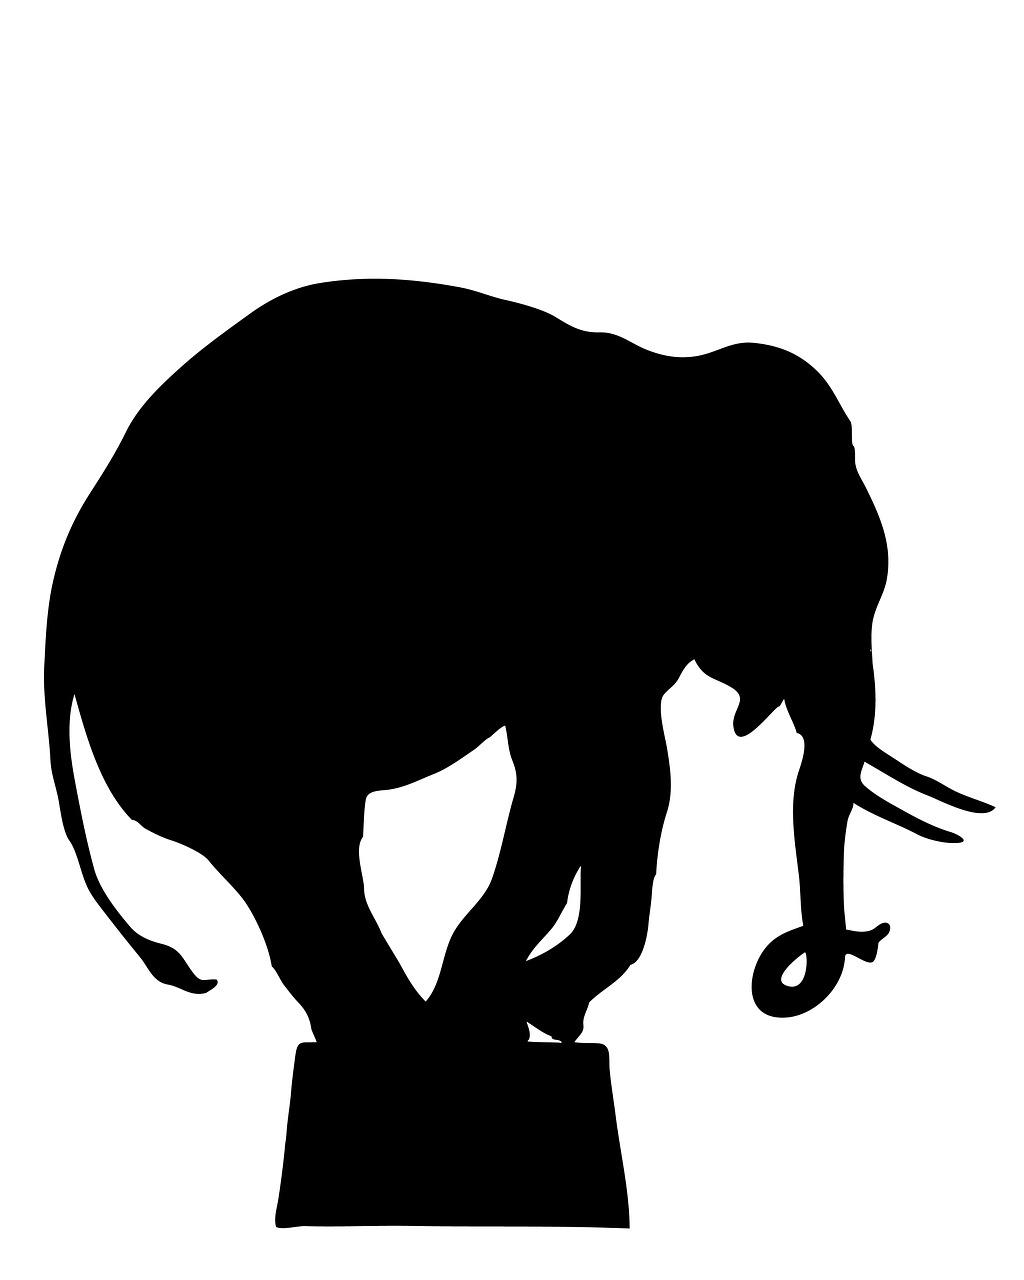 逃げないサーカスの象のお話